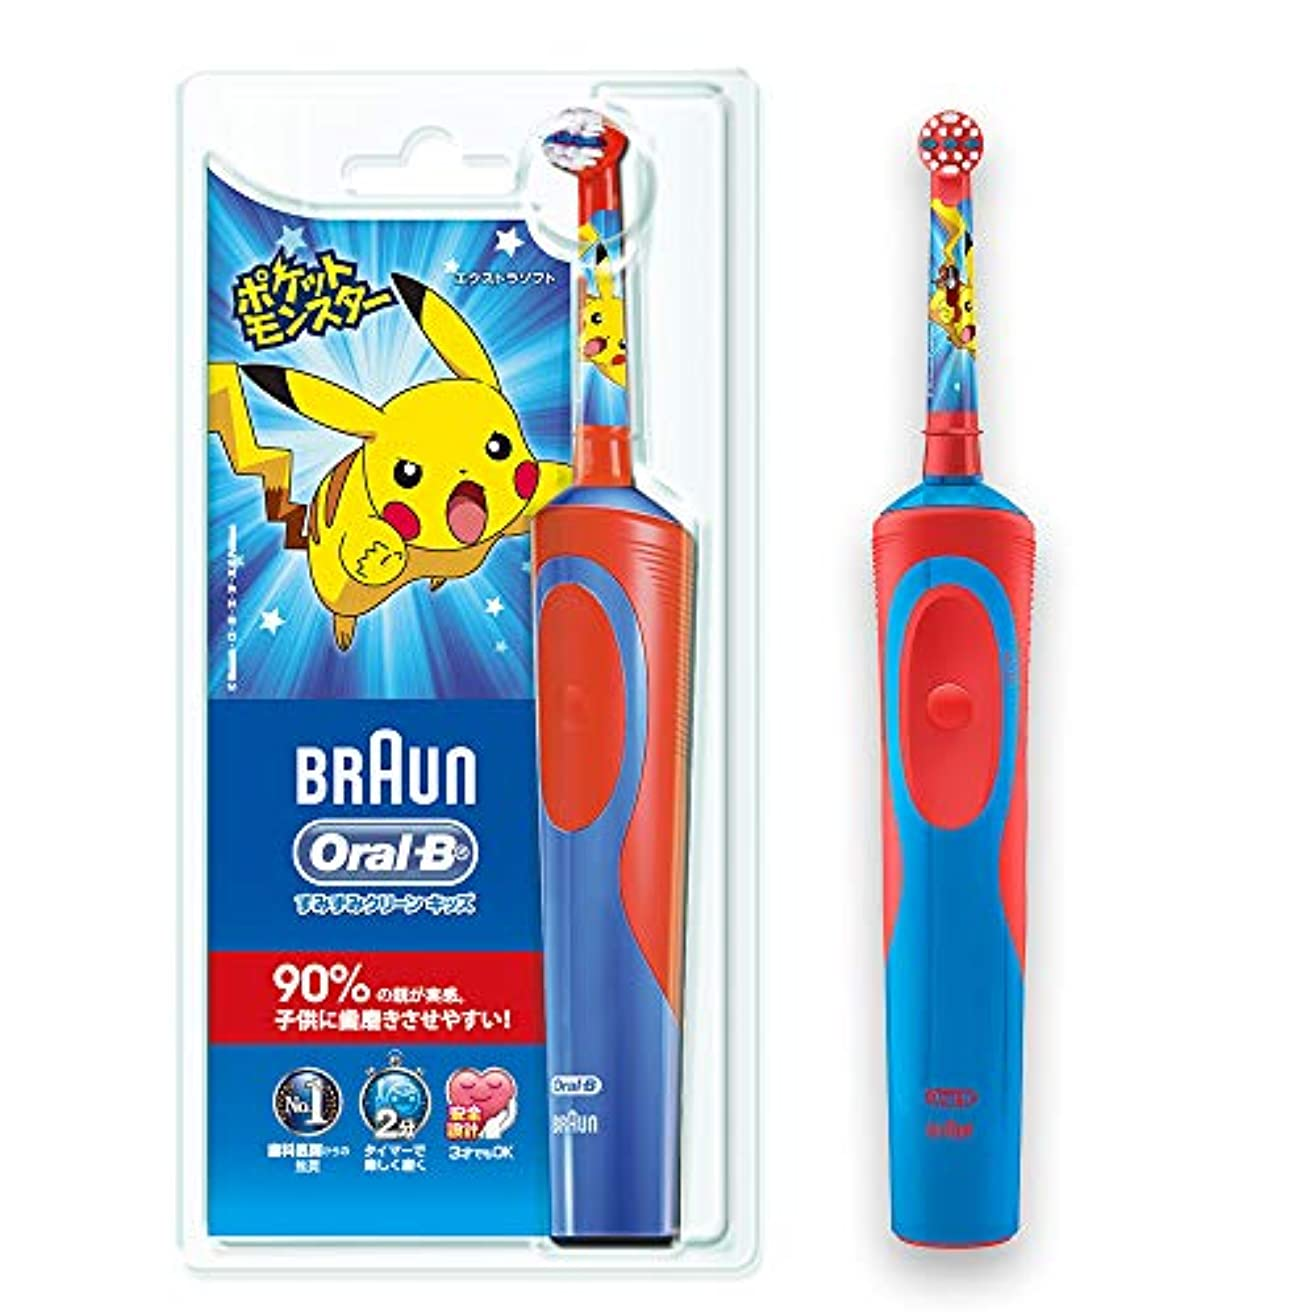 そよ風製油所支援するブラウン オーラルB 電動歯ブラシ 子供用 D12513KPKMB すみずみクリーンキッズ 本体 レッド ポケモン 歯ブラシ